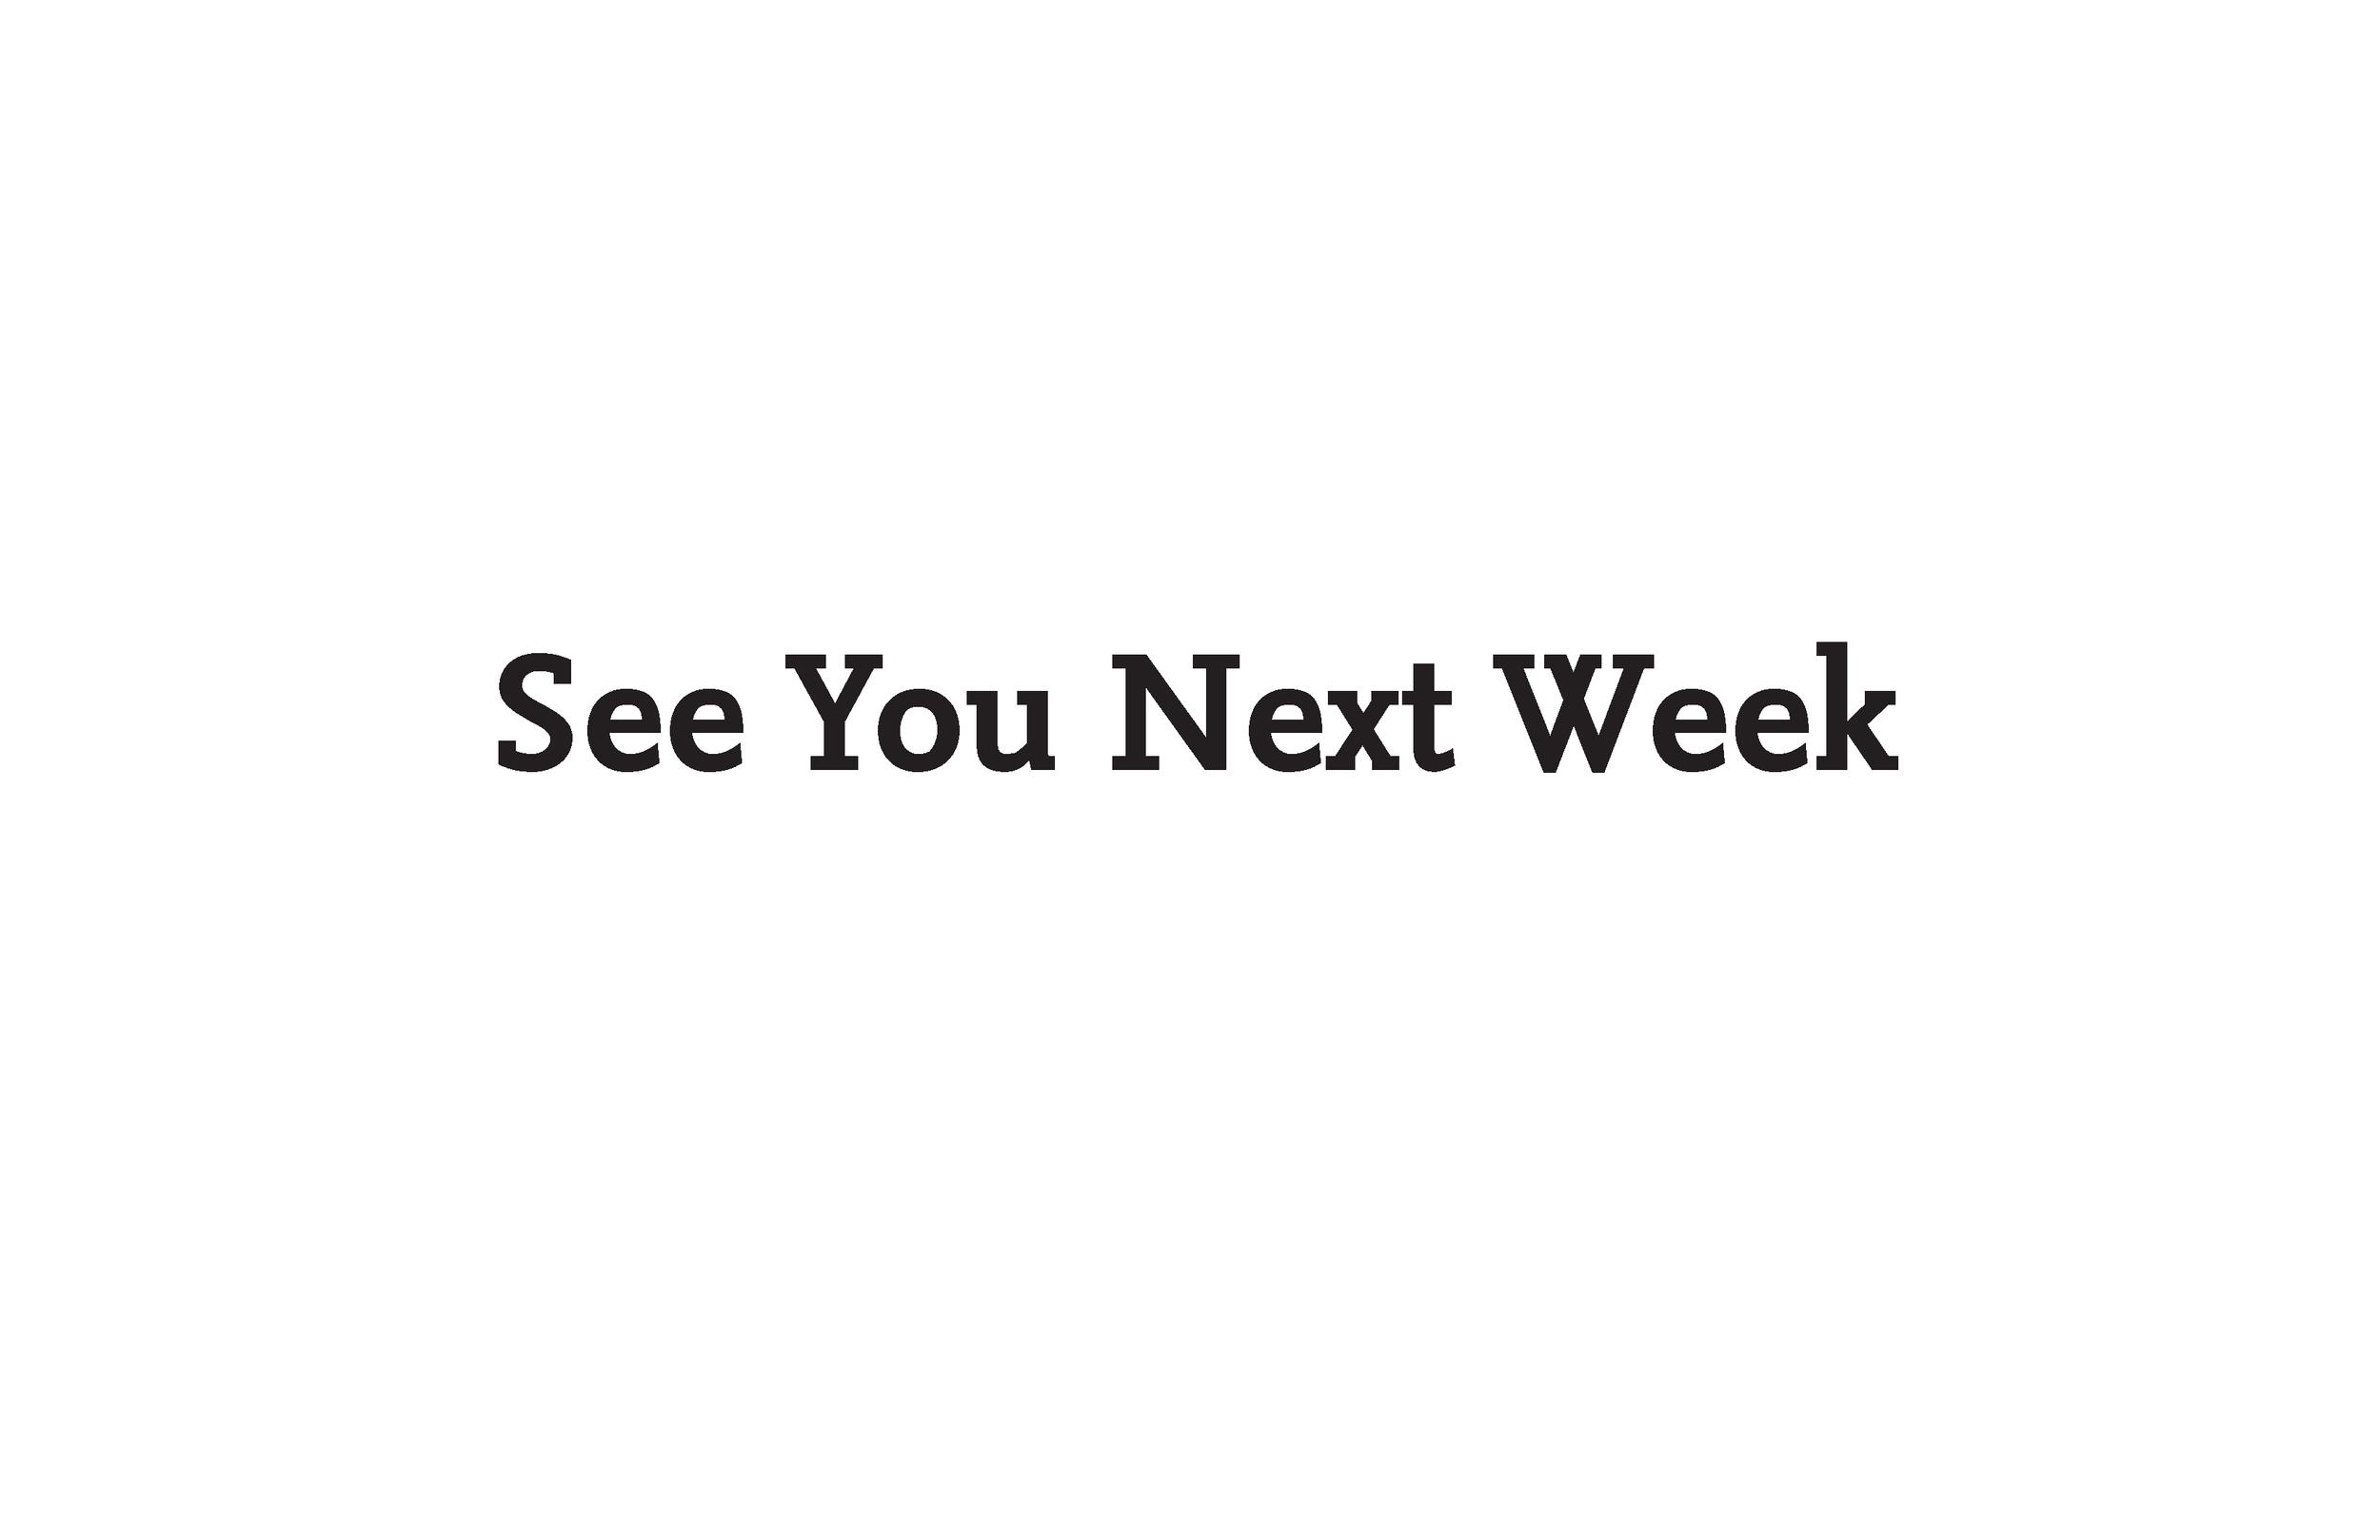 PEM_S19_Week_3_1_Page_45.png